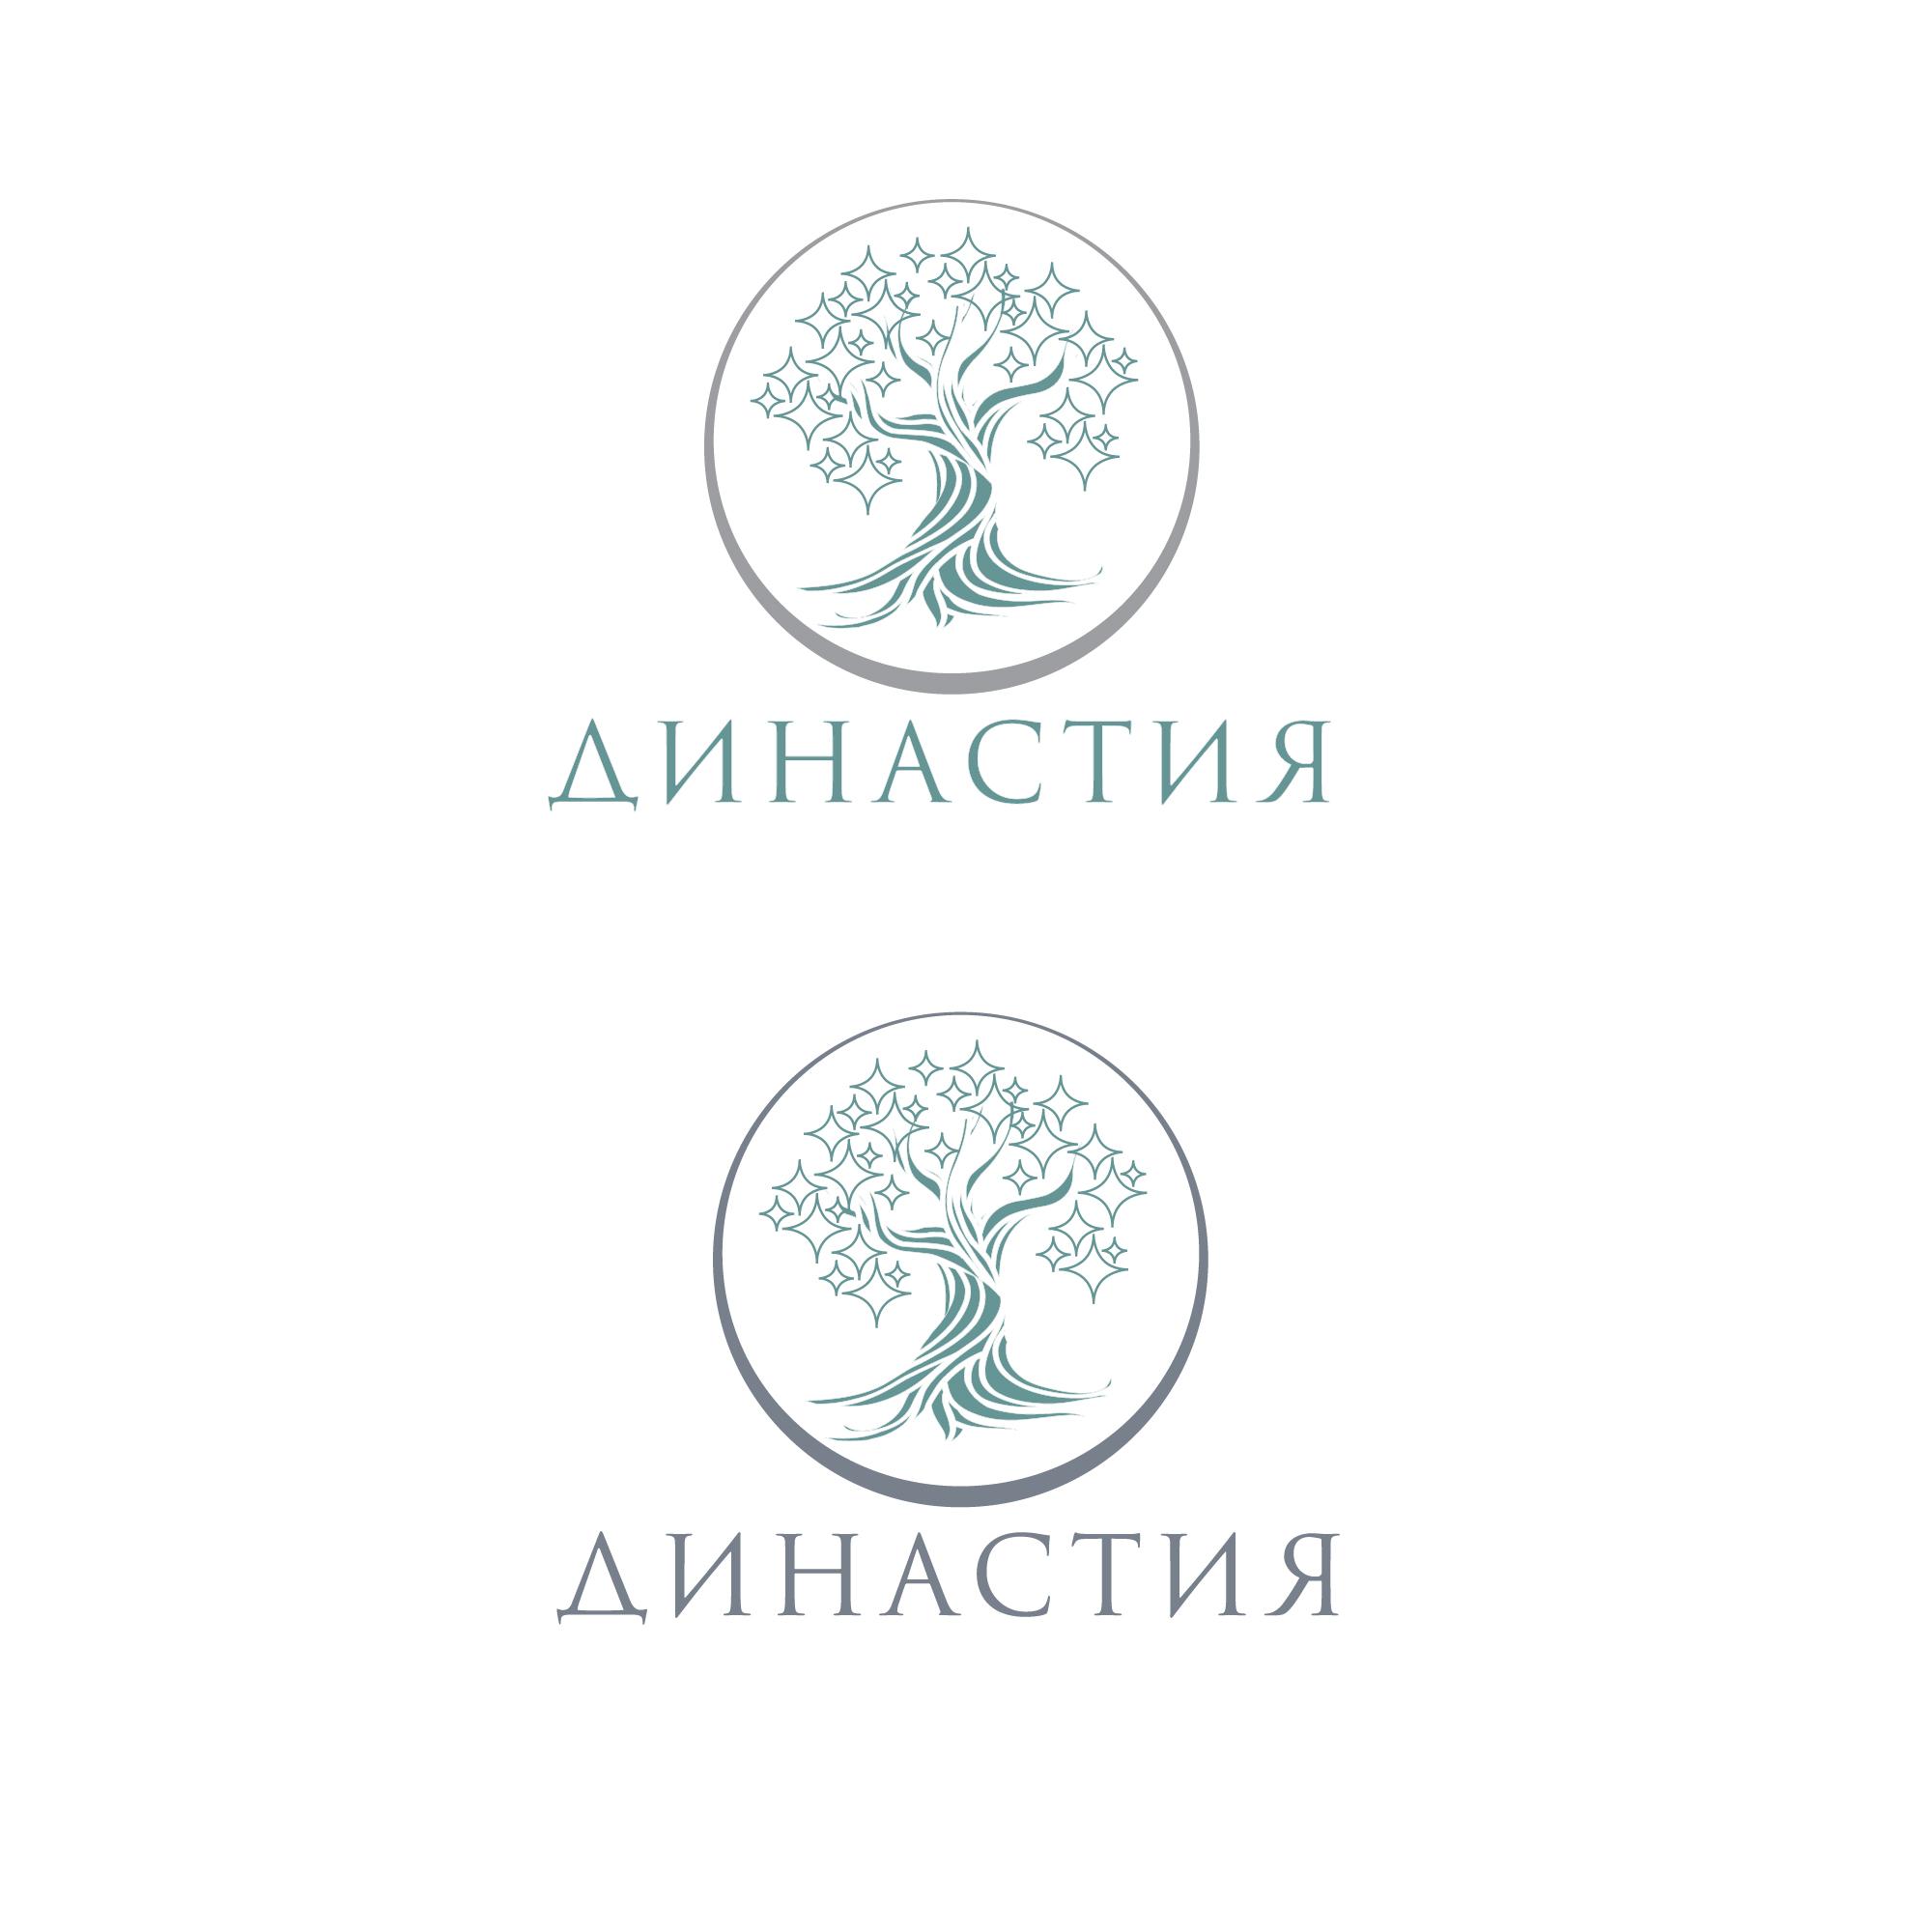 Разработать логотип для нового бренда фото f_00559ee340ca6866.jpg